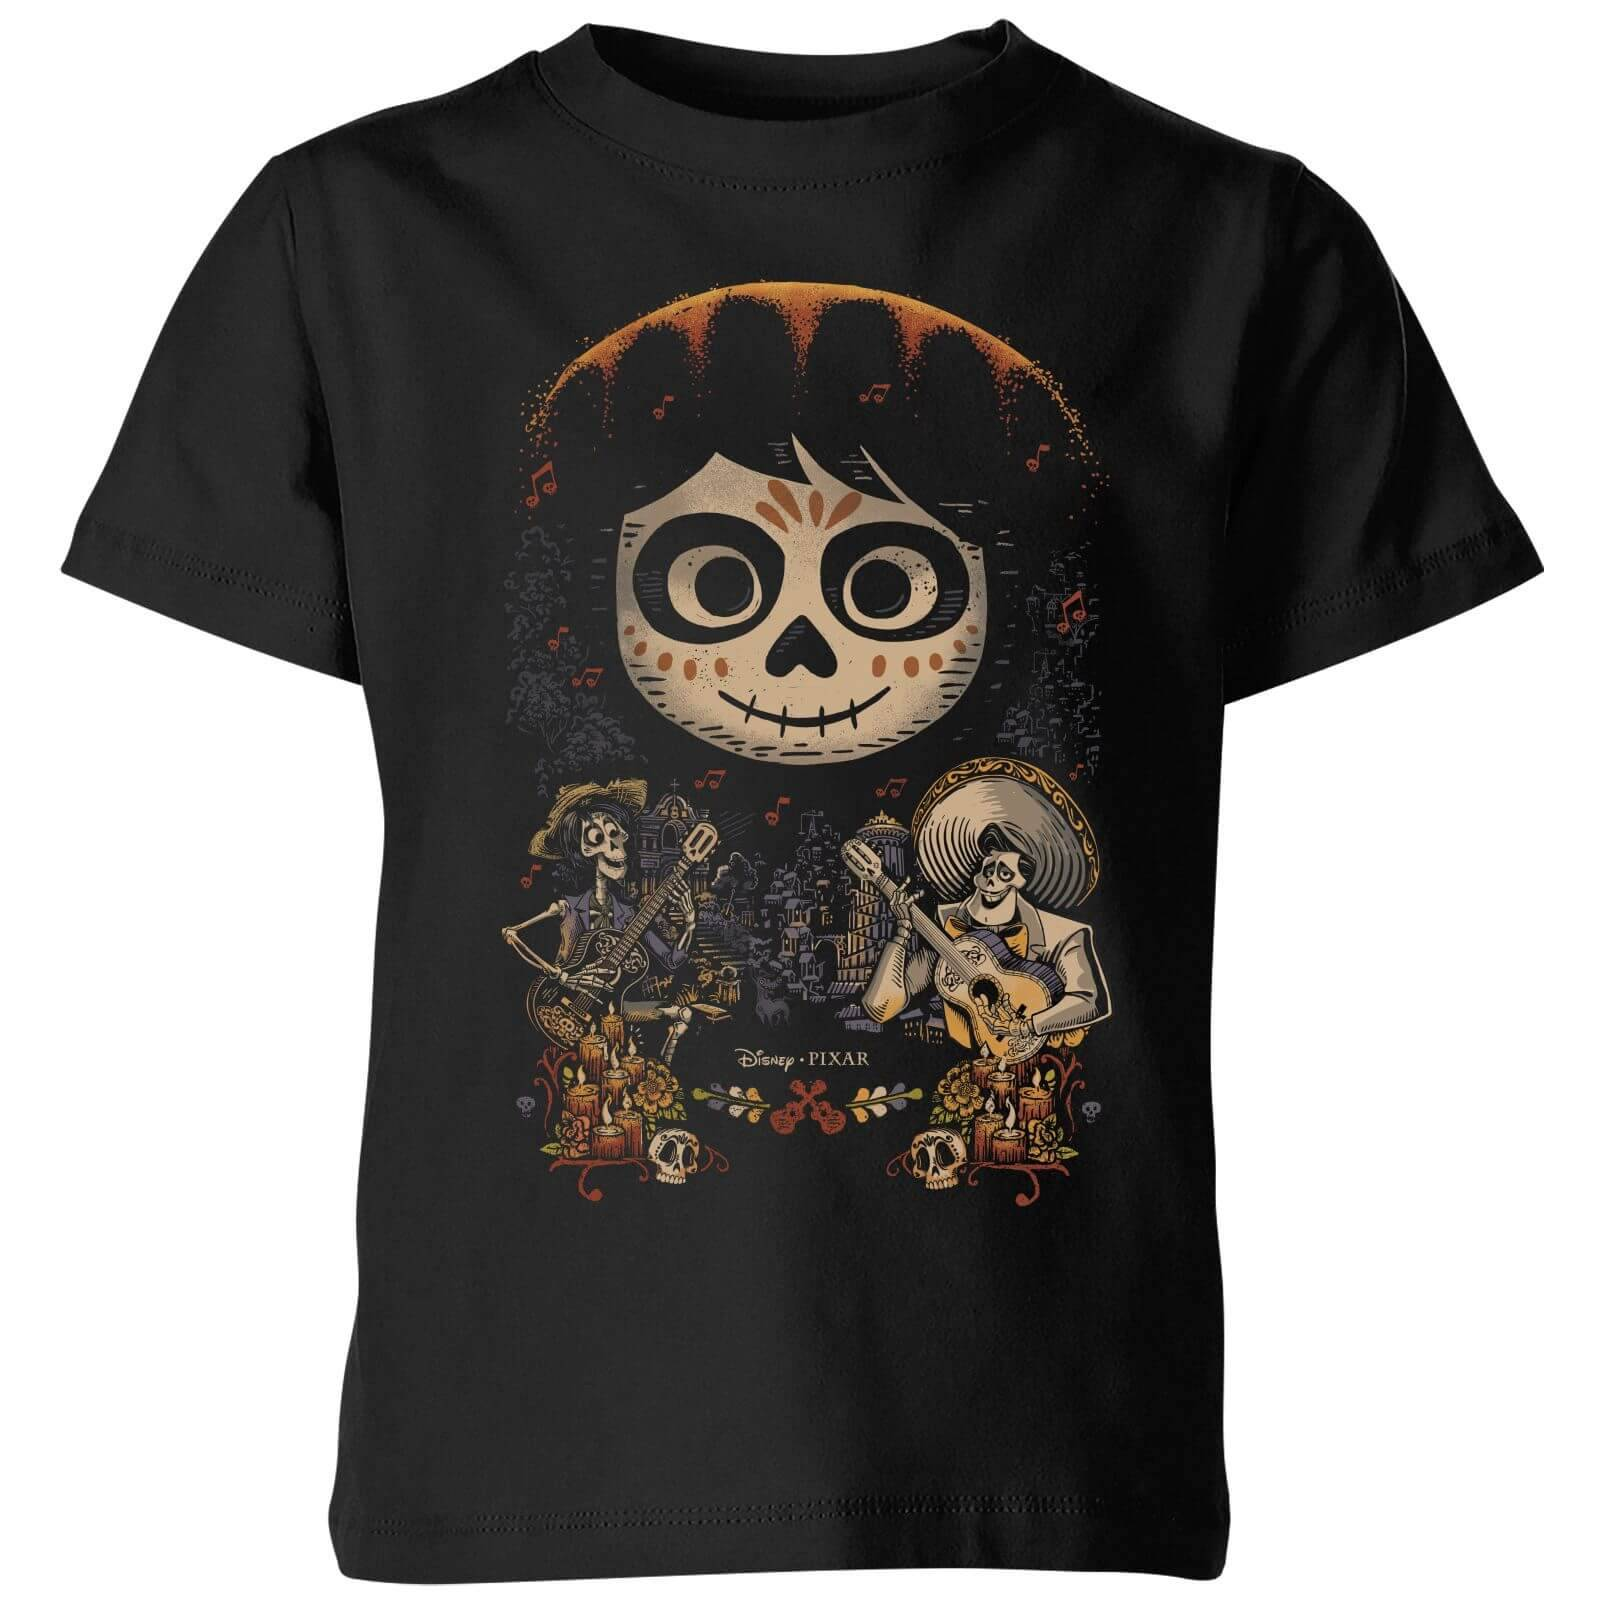 Pixar T-Shirt Enfant Visage Miguel Poster Coco - Noir - 11-12 ans - Noir